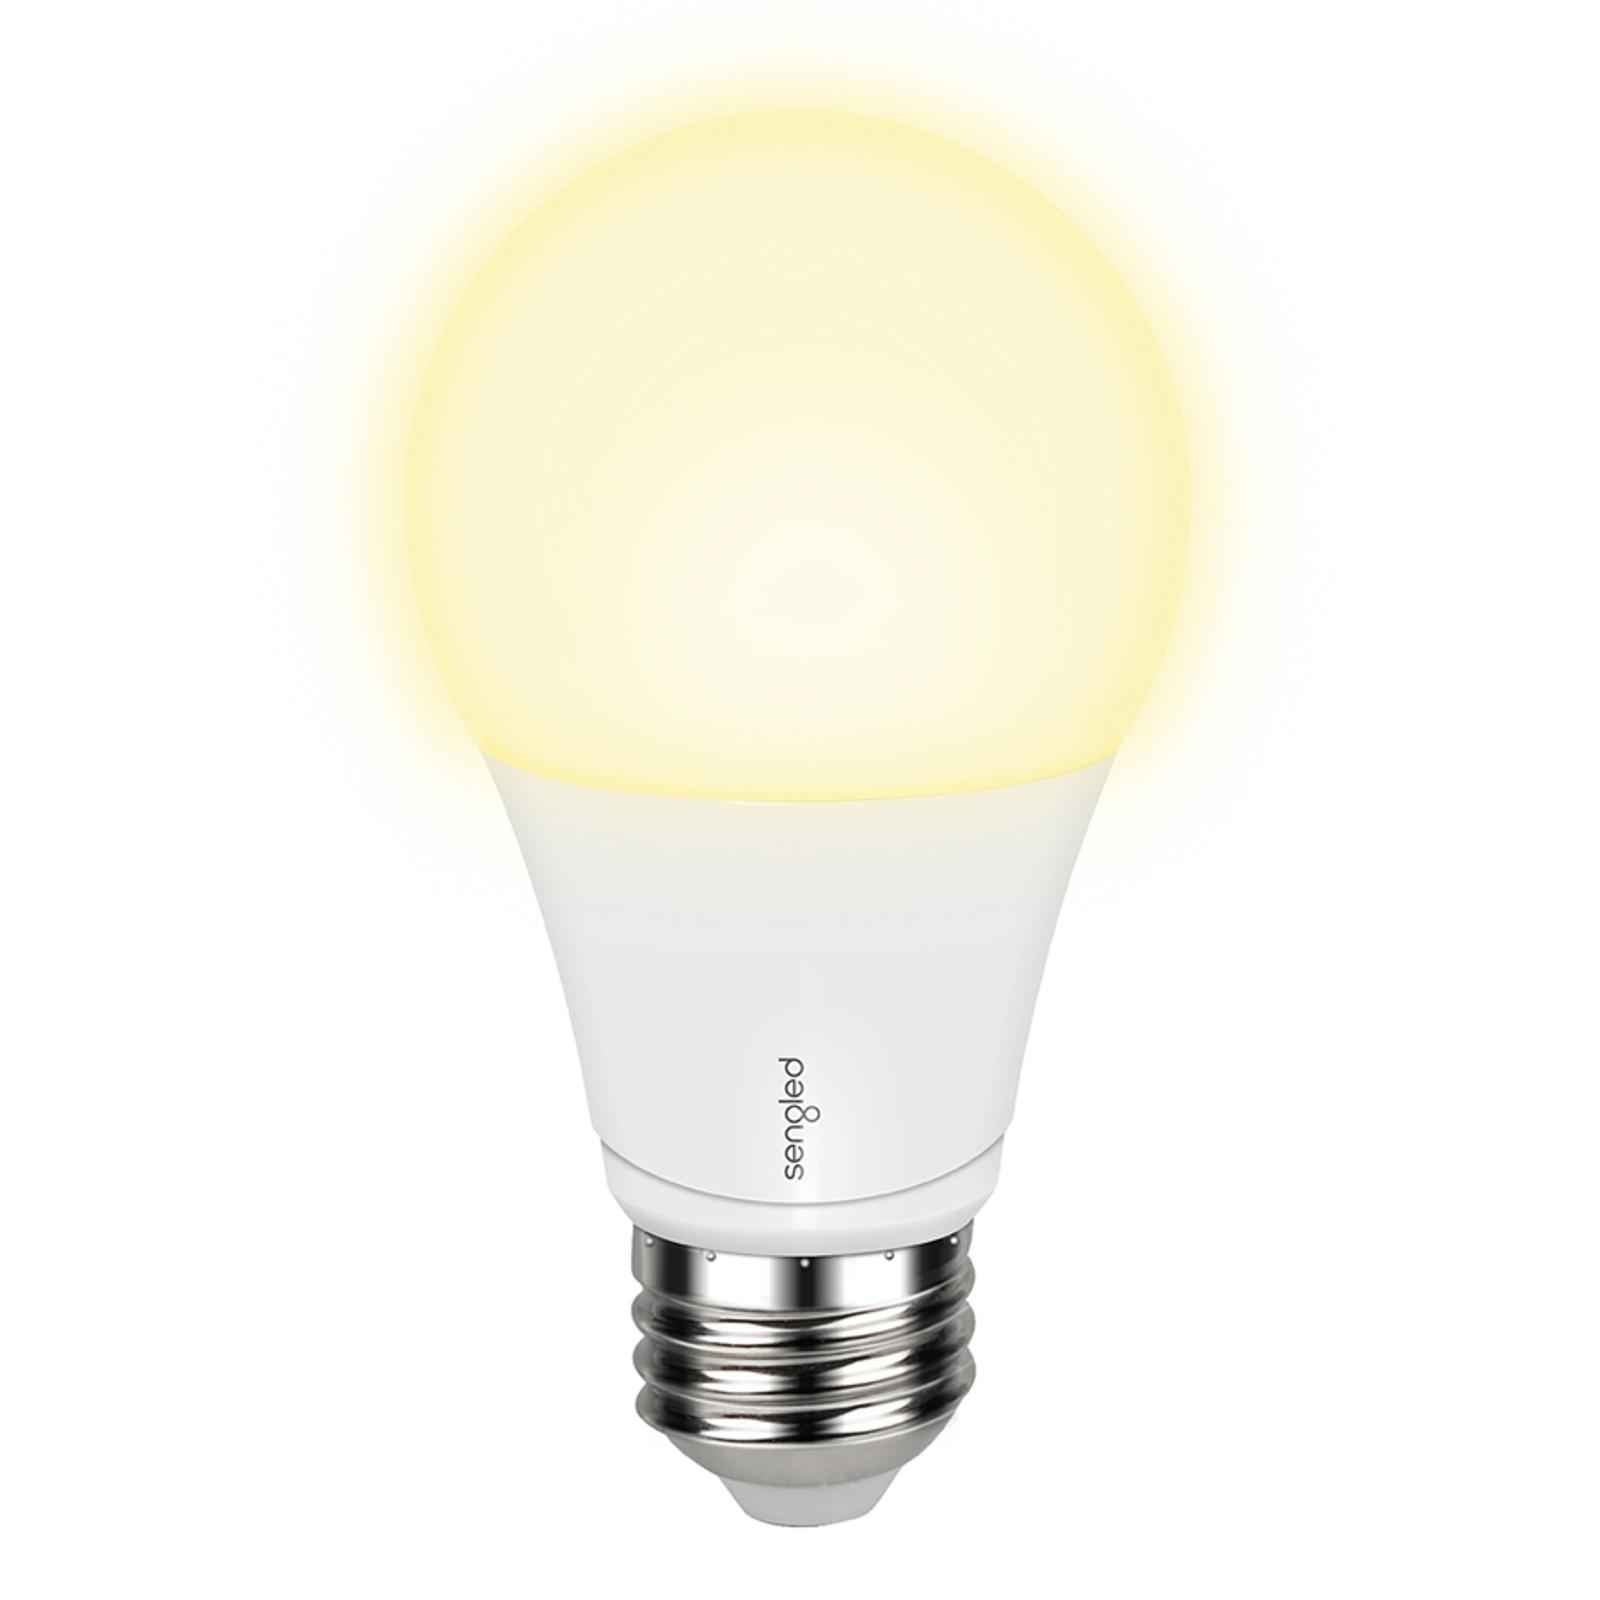 Sengled Mood lampadina LED, Tunable White, E27 9W